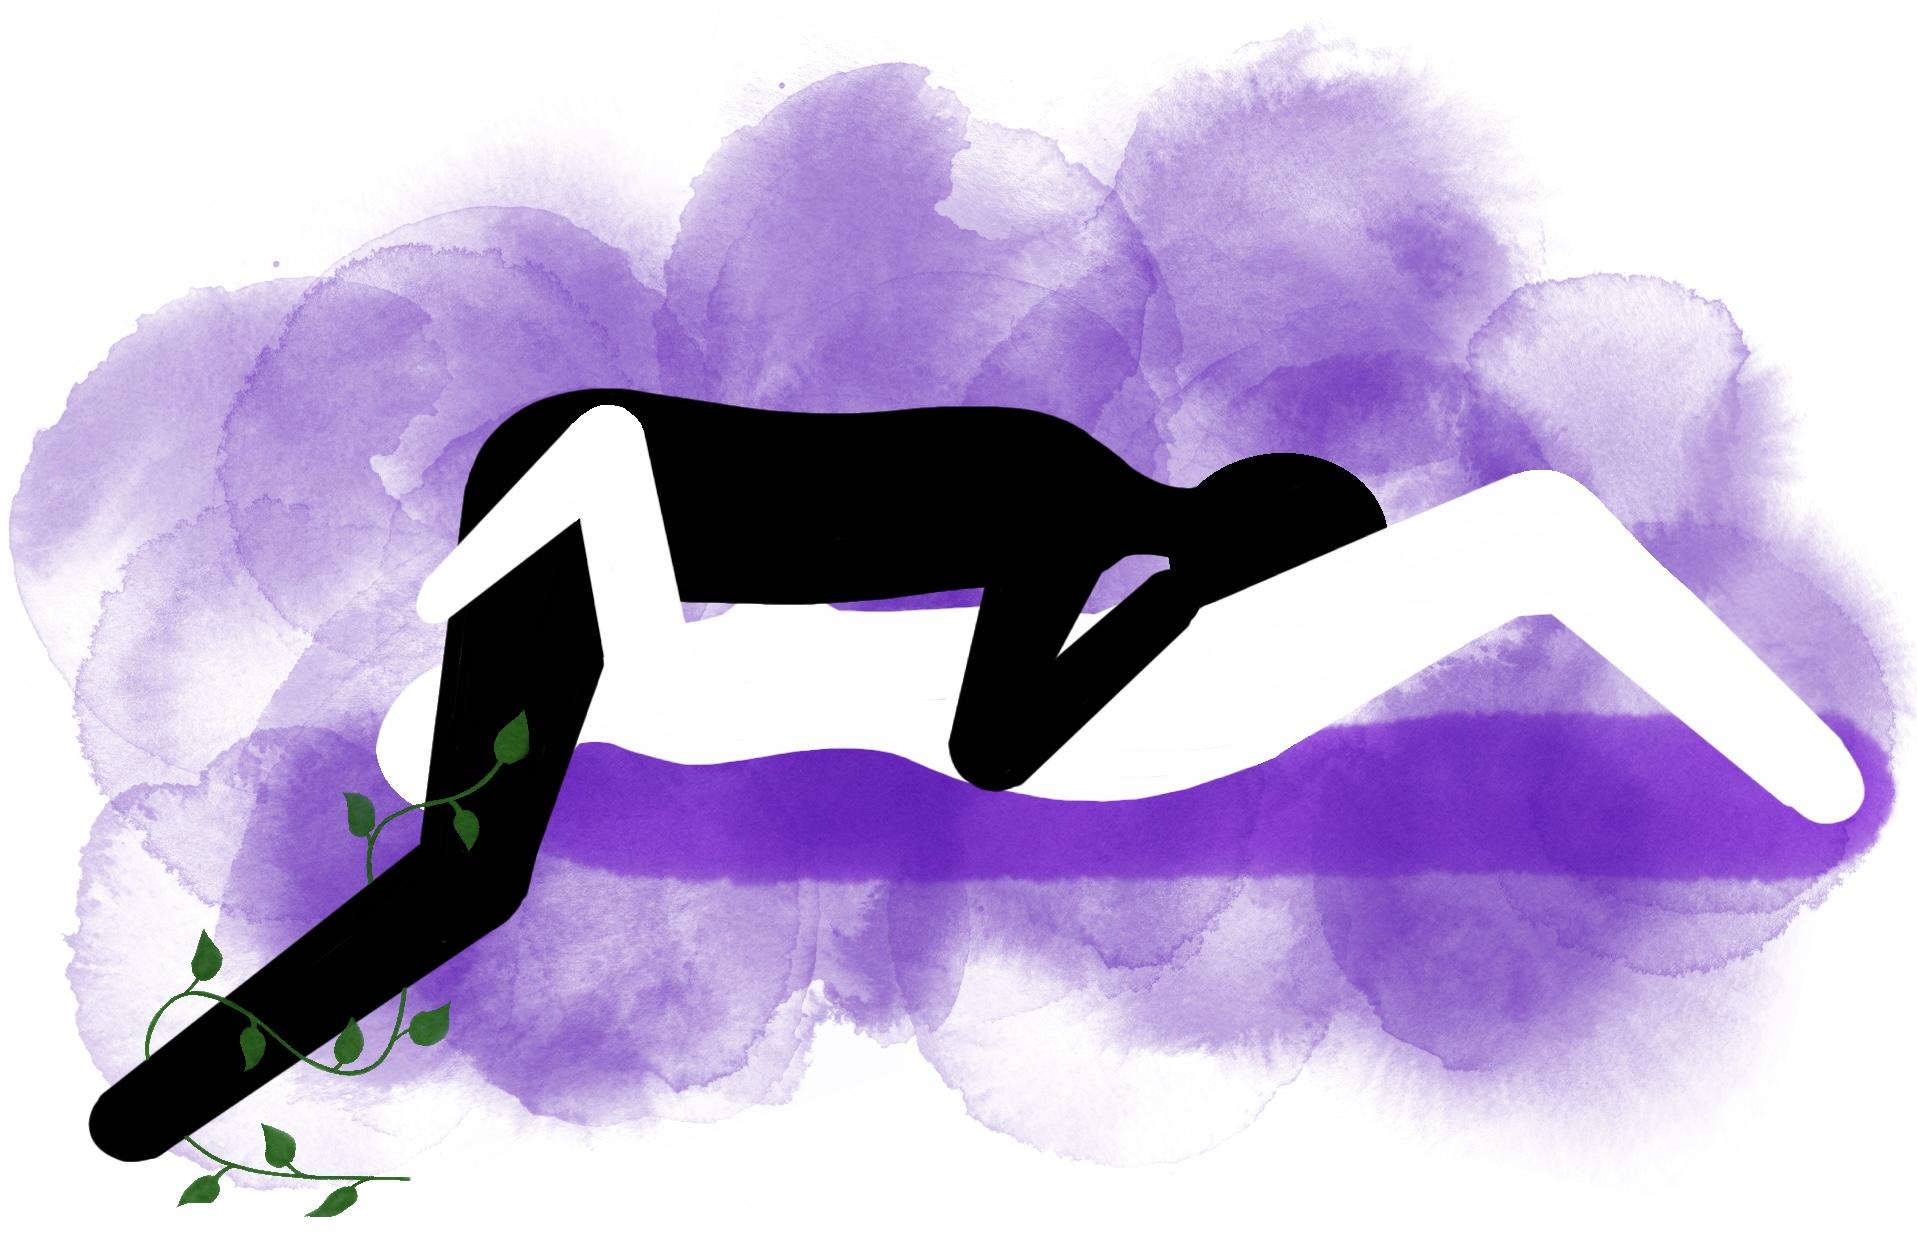 69-stilling: Hun ligger på sengen og han står over henne